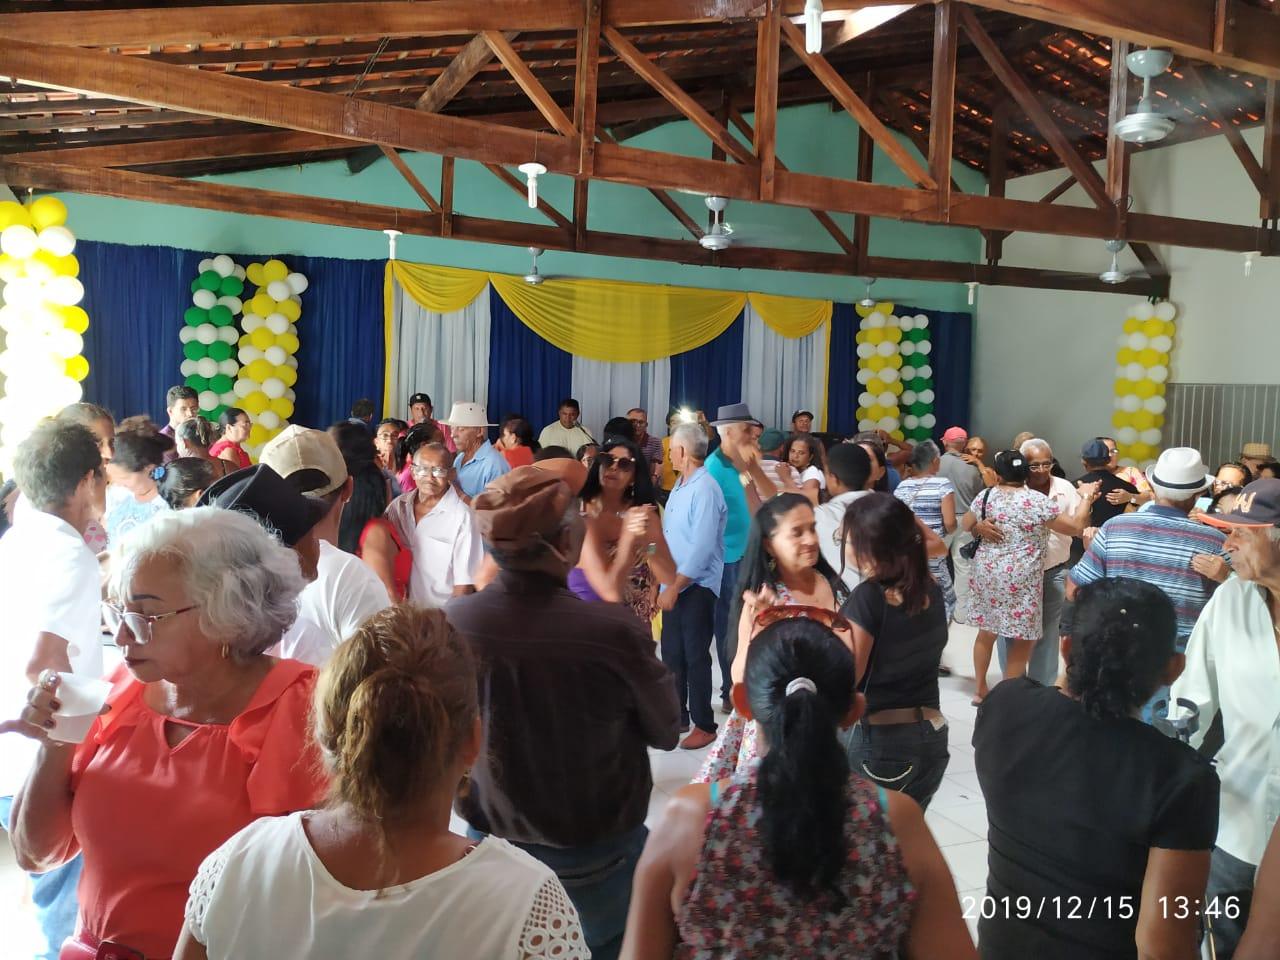 Com um grande baile prefeitura faz encerramento do tradicional Forró dos idosos em Monsenhor Gil  - Imagem 12